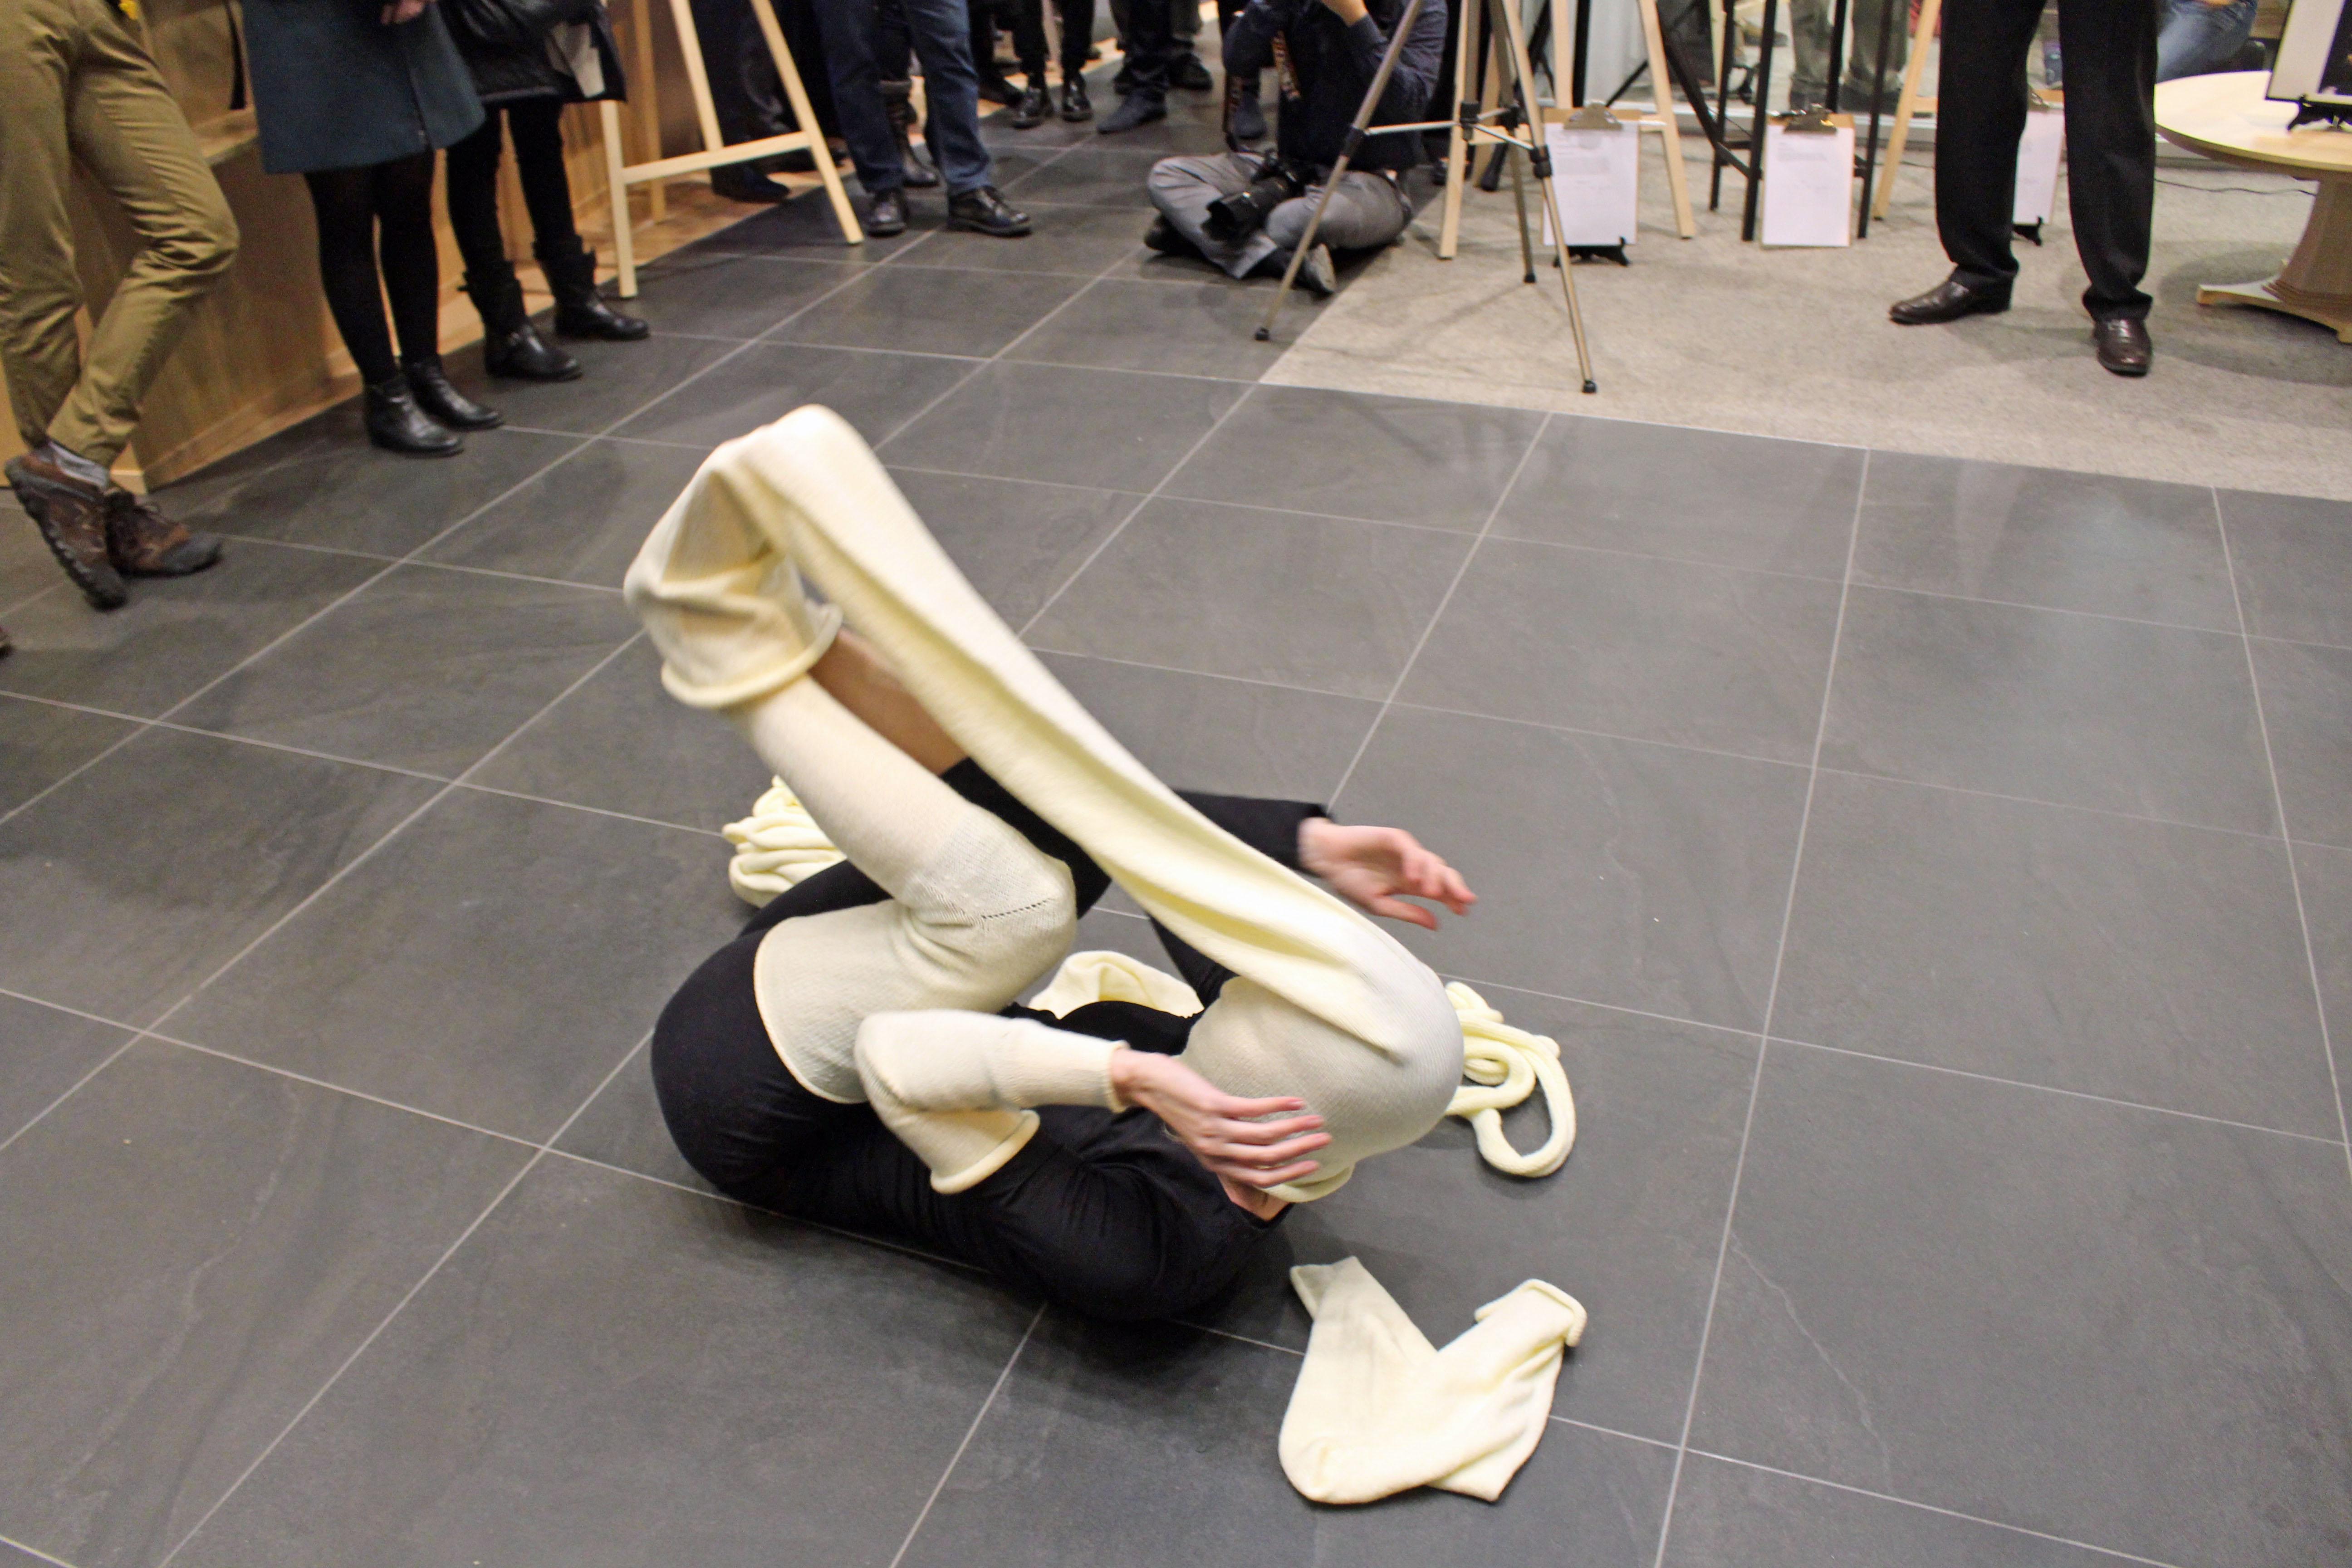 La soirée était rythmée de performances artistiques, notamment de l'artiste Julie Lassonde